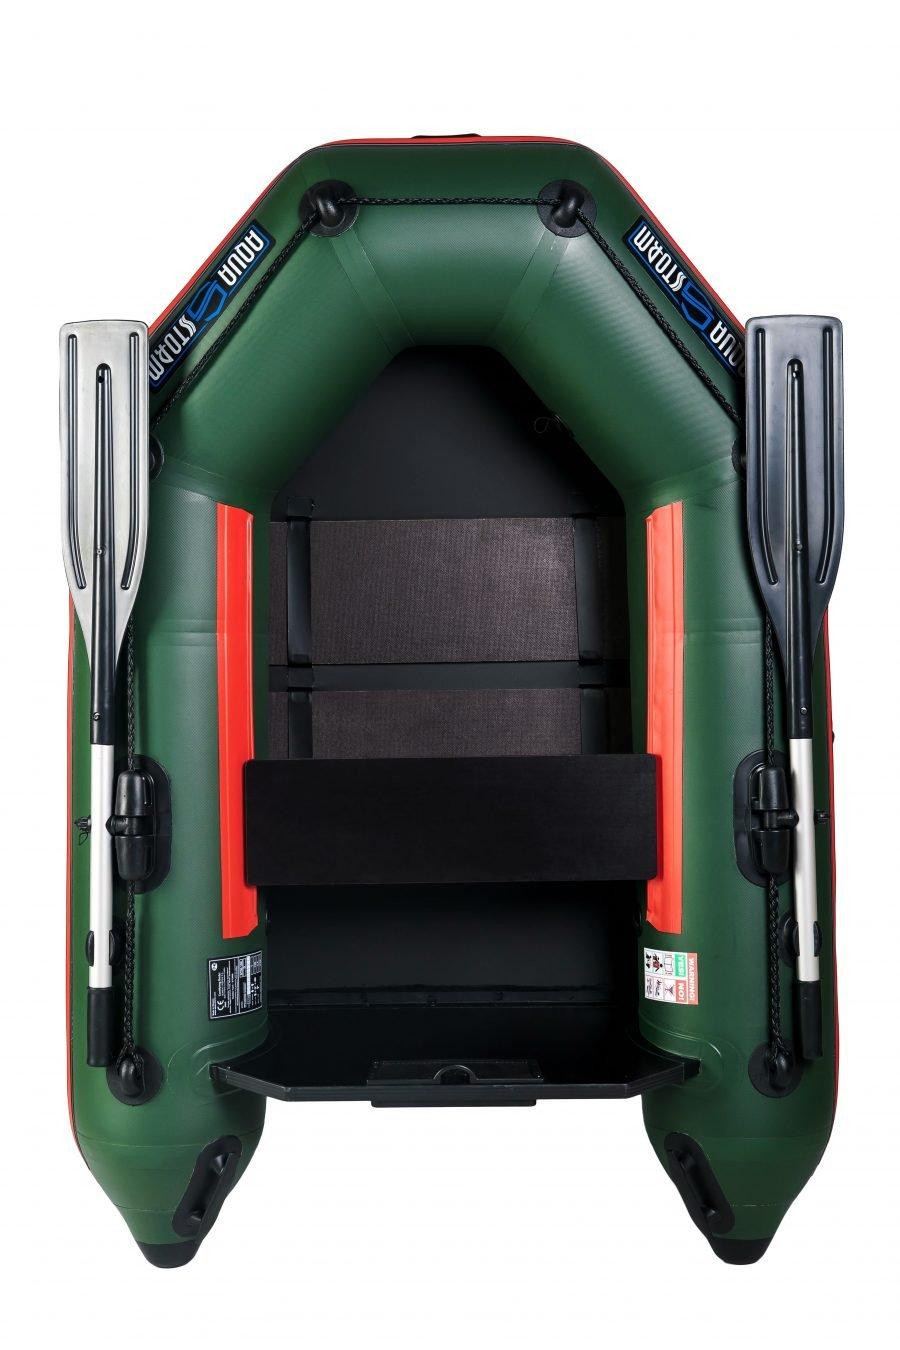 Надувная лодка Aqua-Storm Stm180 стандарт